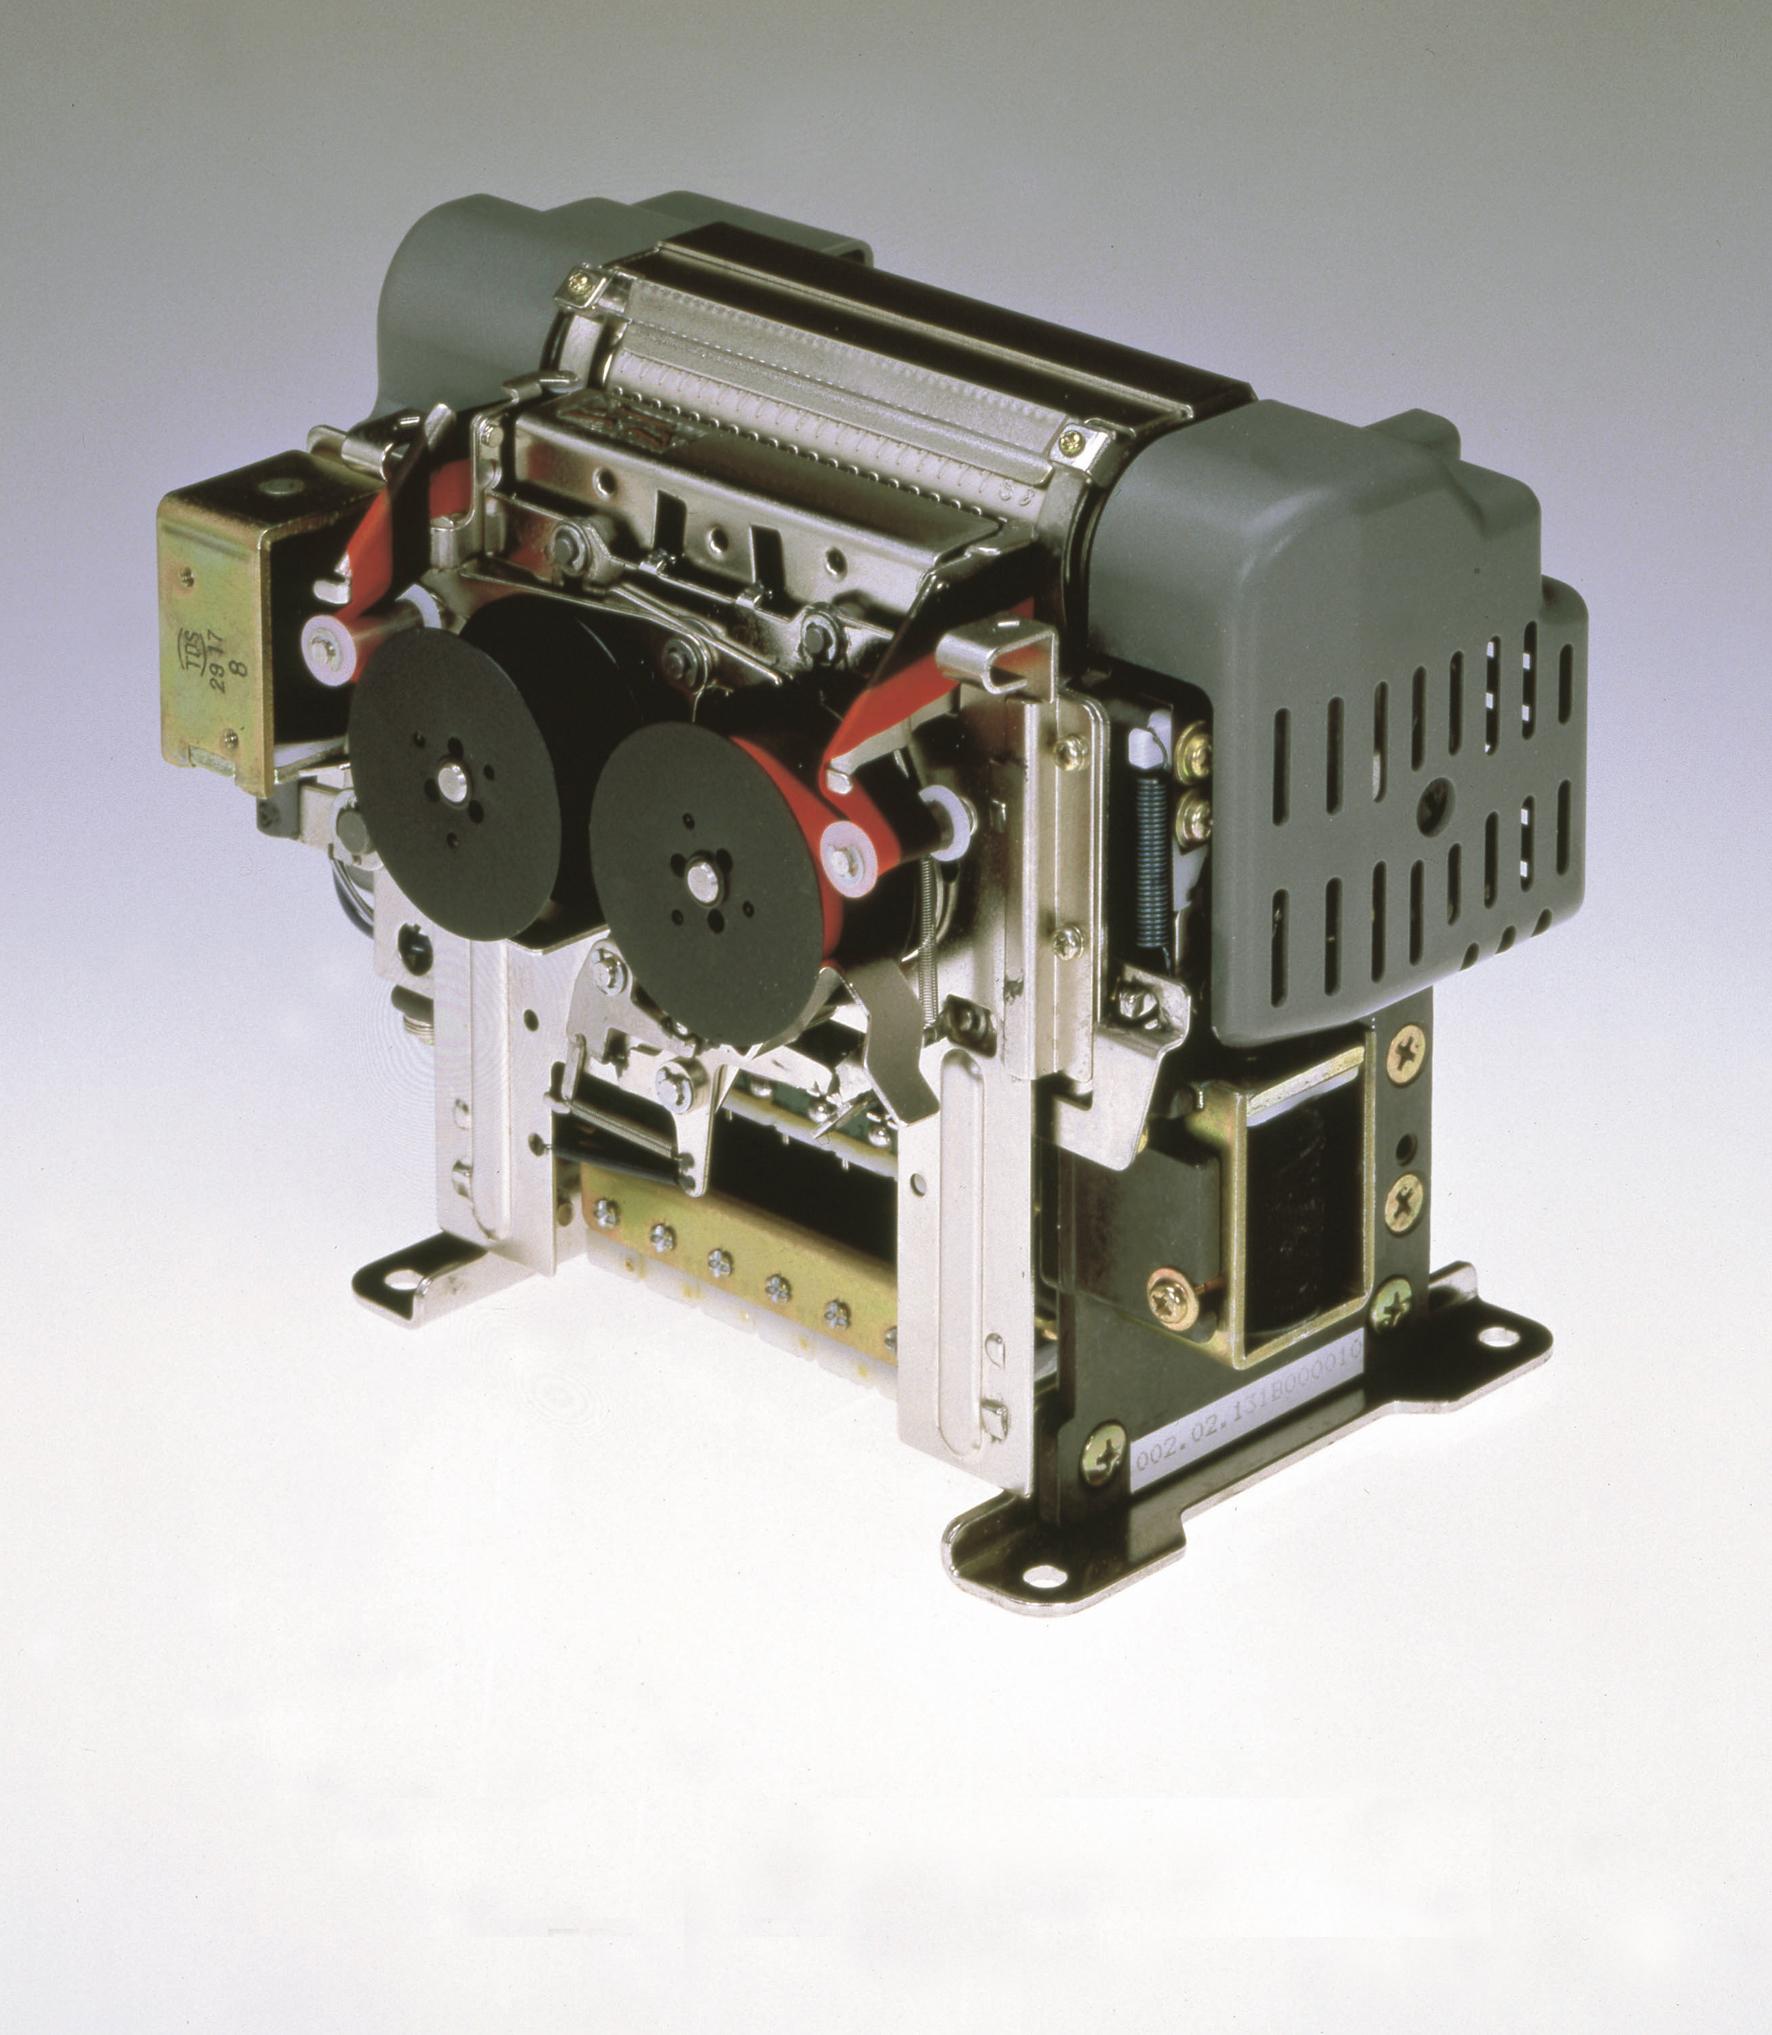 Tiskalnik EP-101, ki je prvi izdelek podjetja Epson, se je odločno razširil in zasidral na trgu IT opreme.